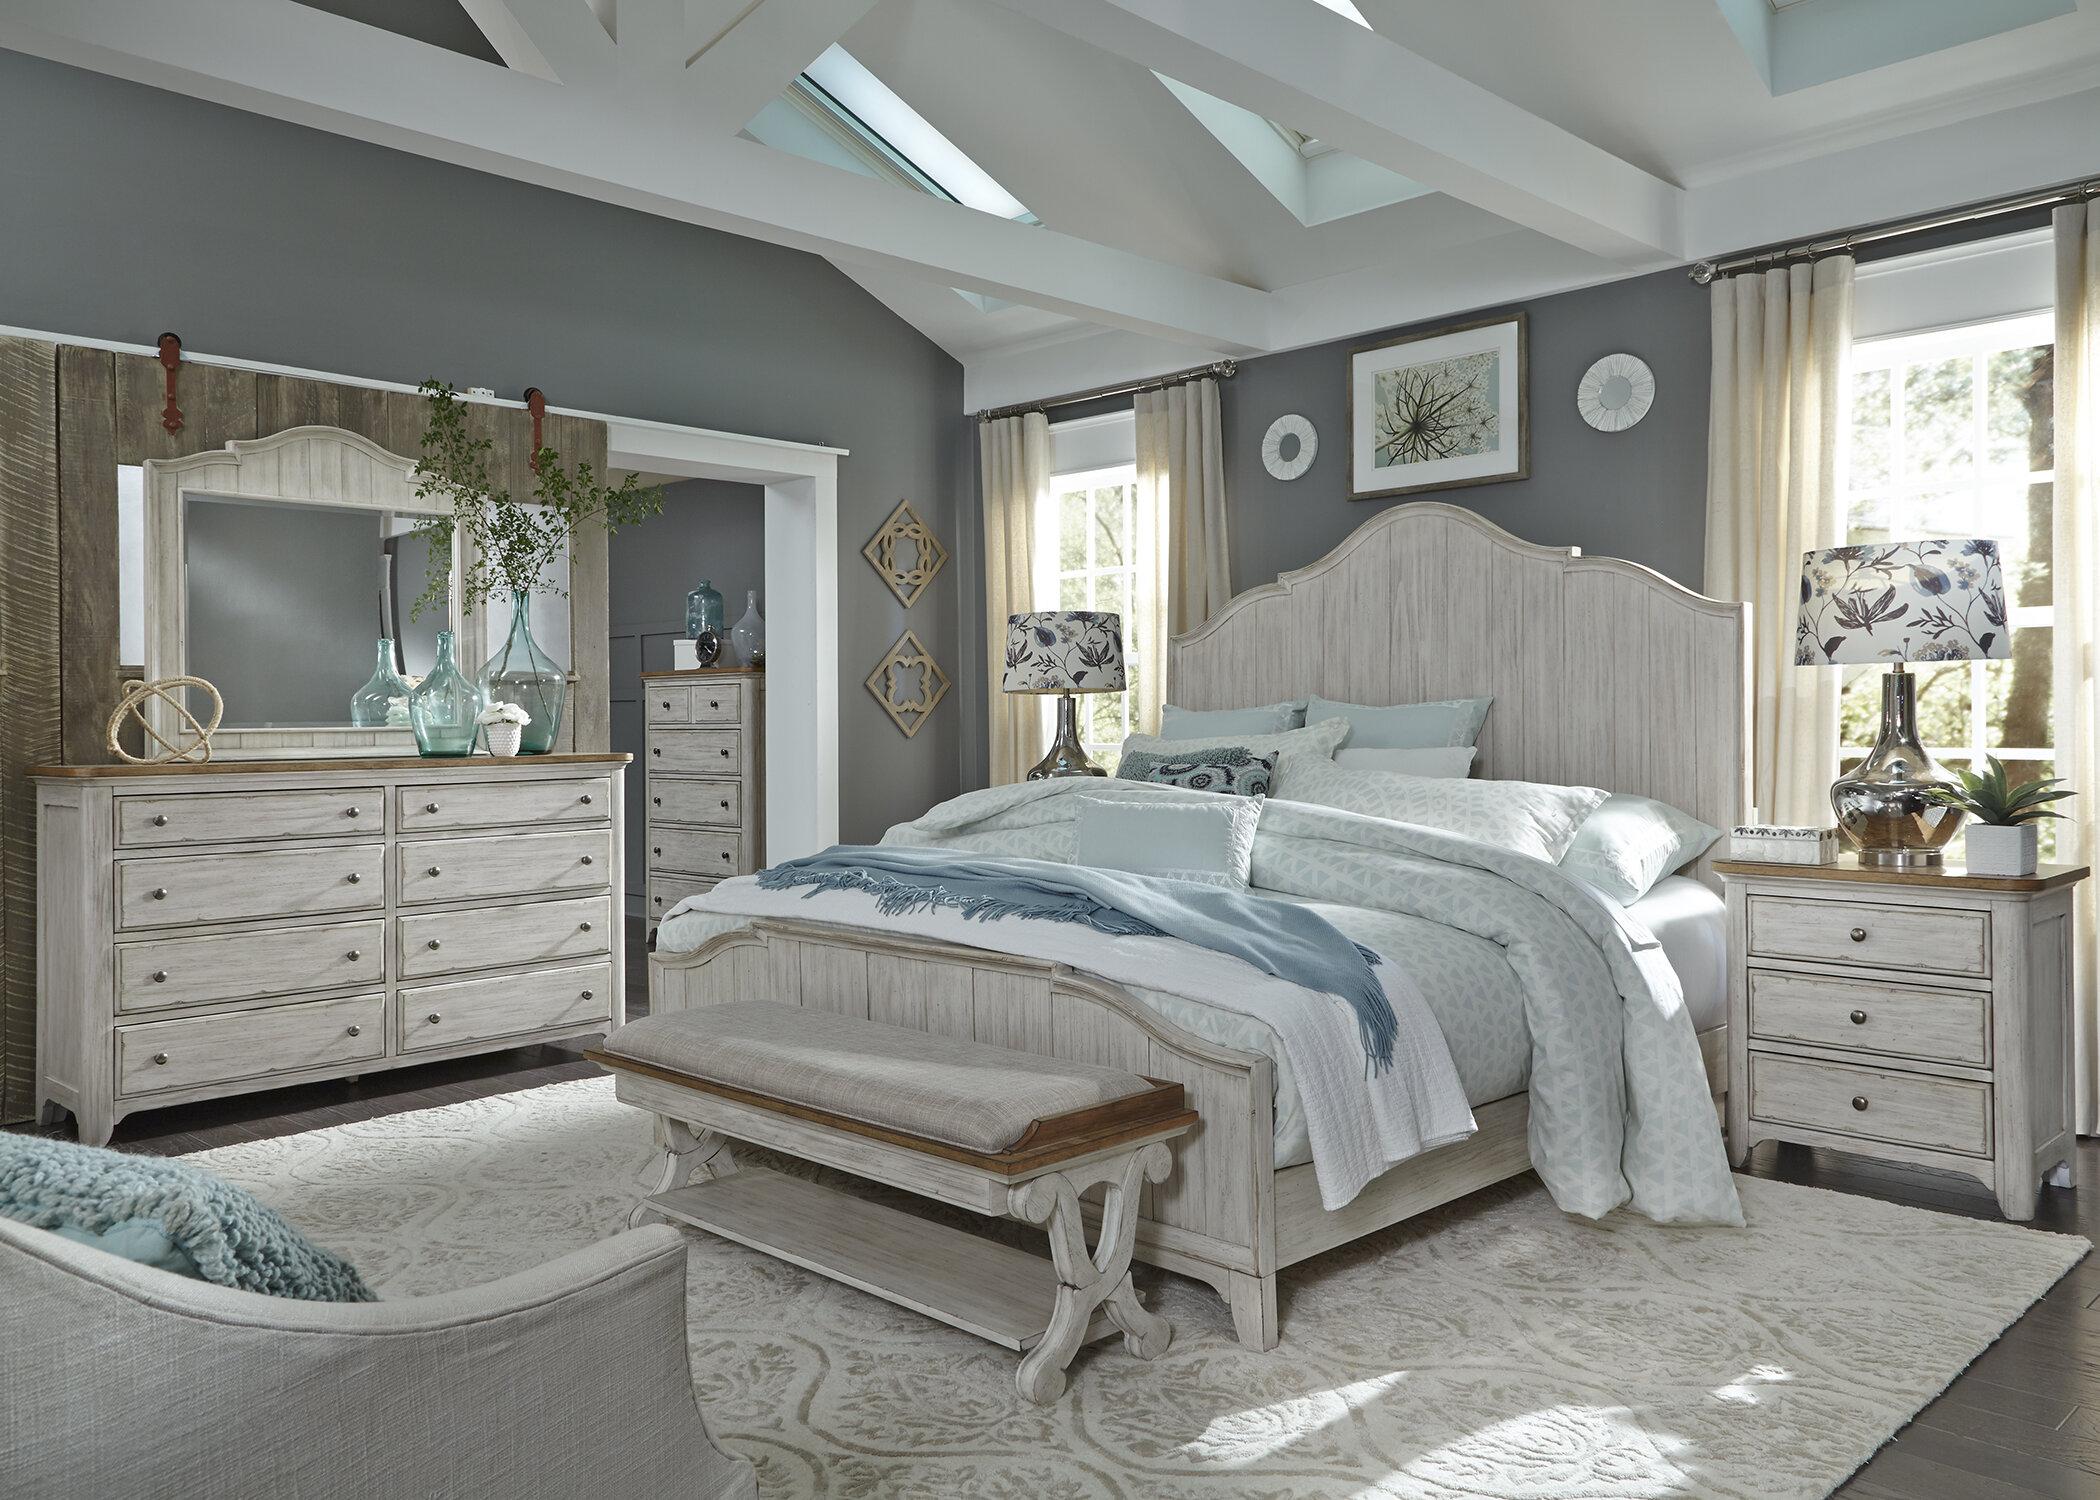 Dalewood Whitewashed Panel Bedroom Set